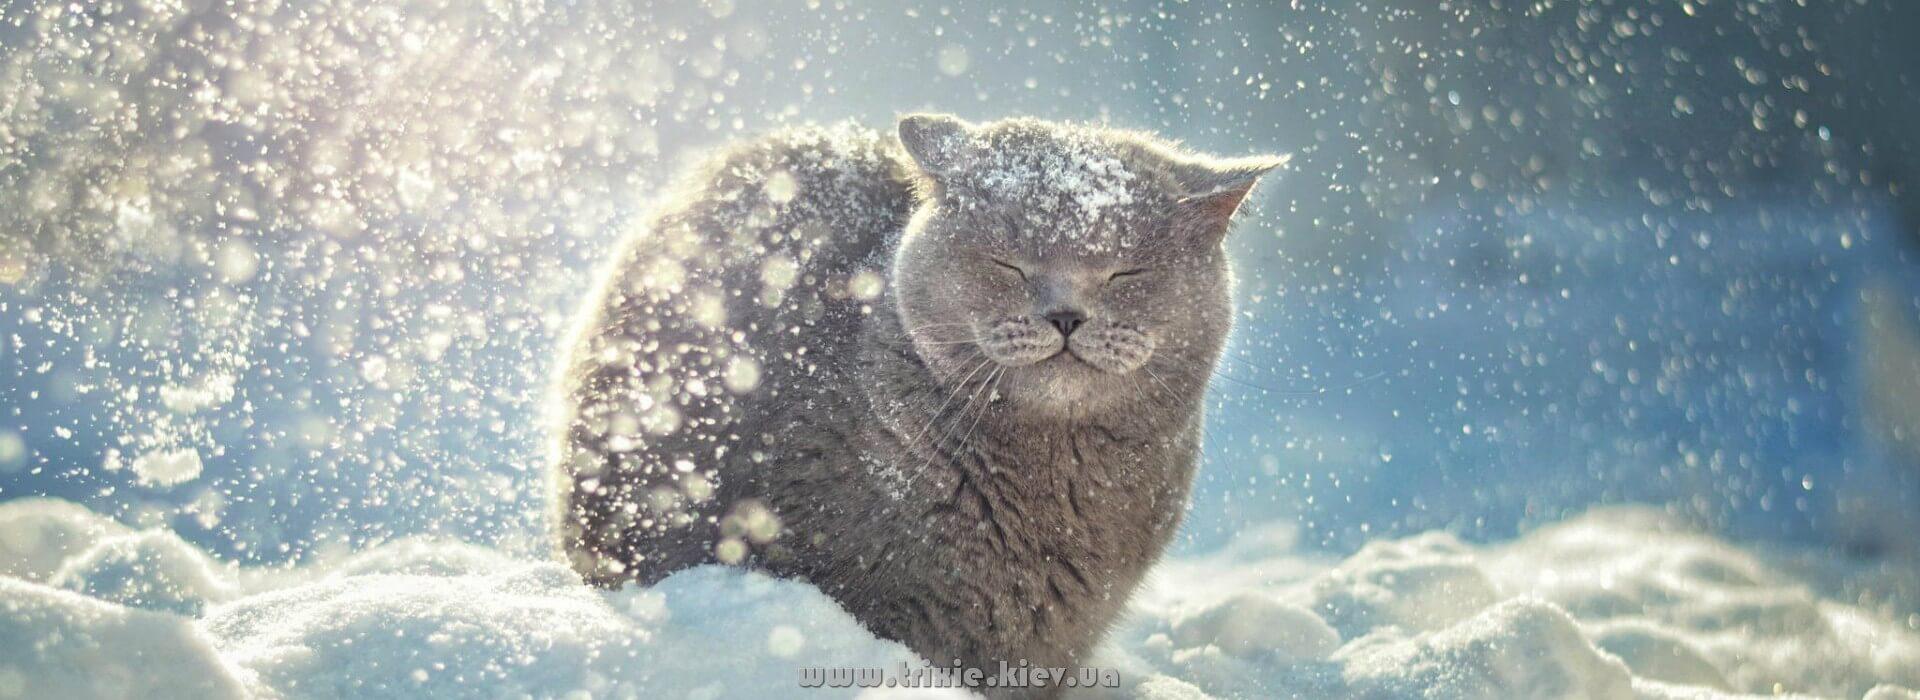 Снег и мороз не преграда, когда есть Одежда для собак и кошек Trixie